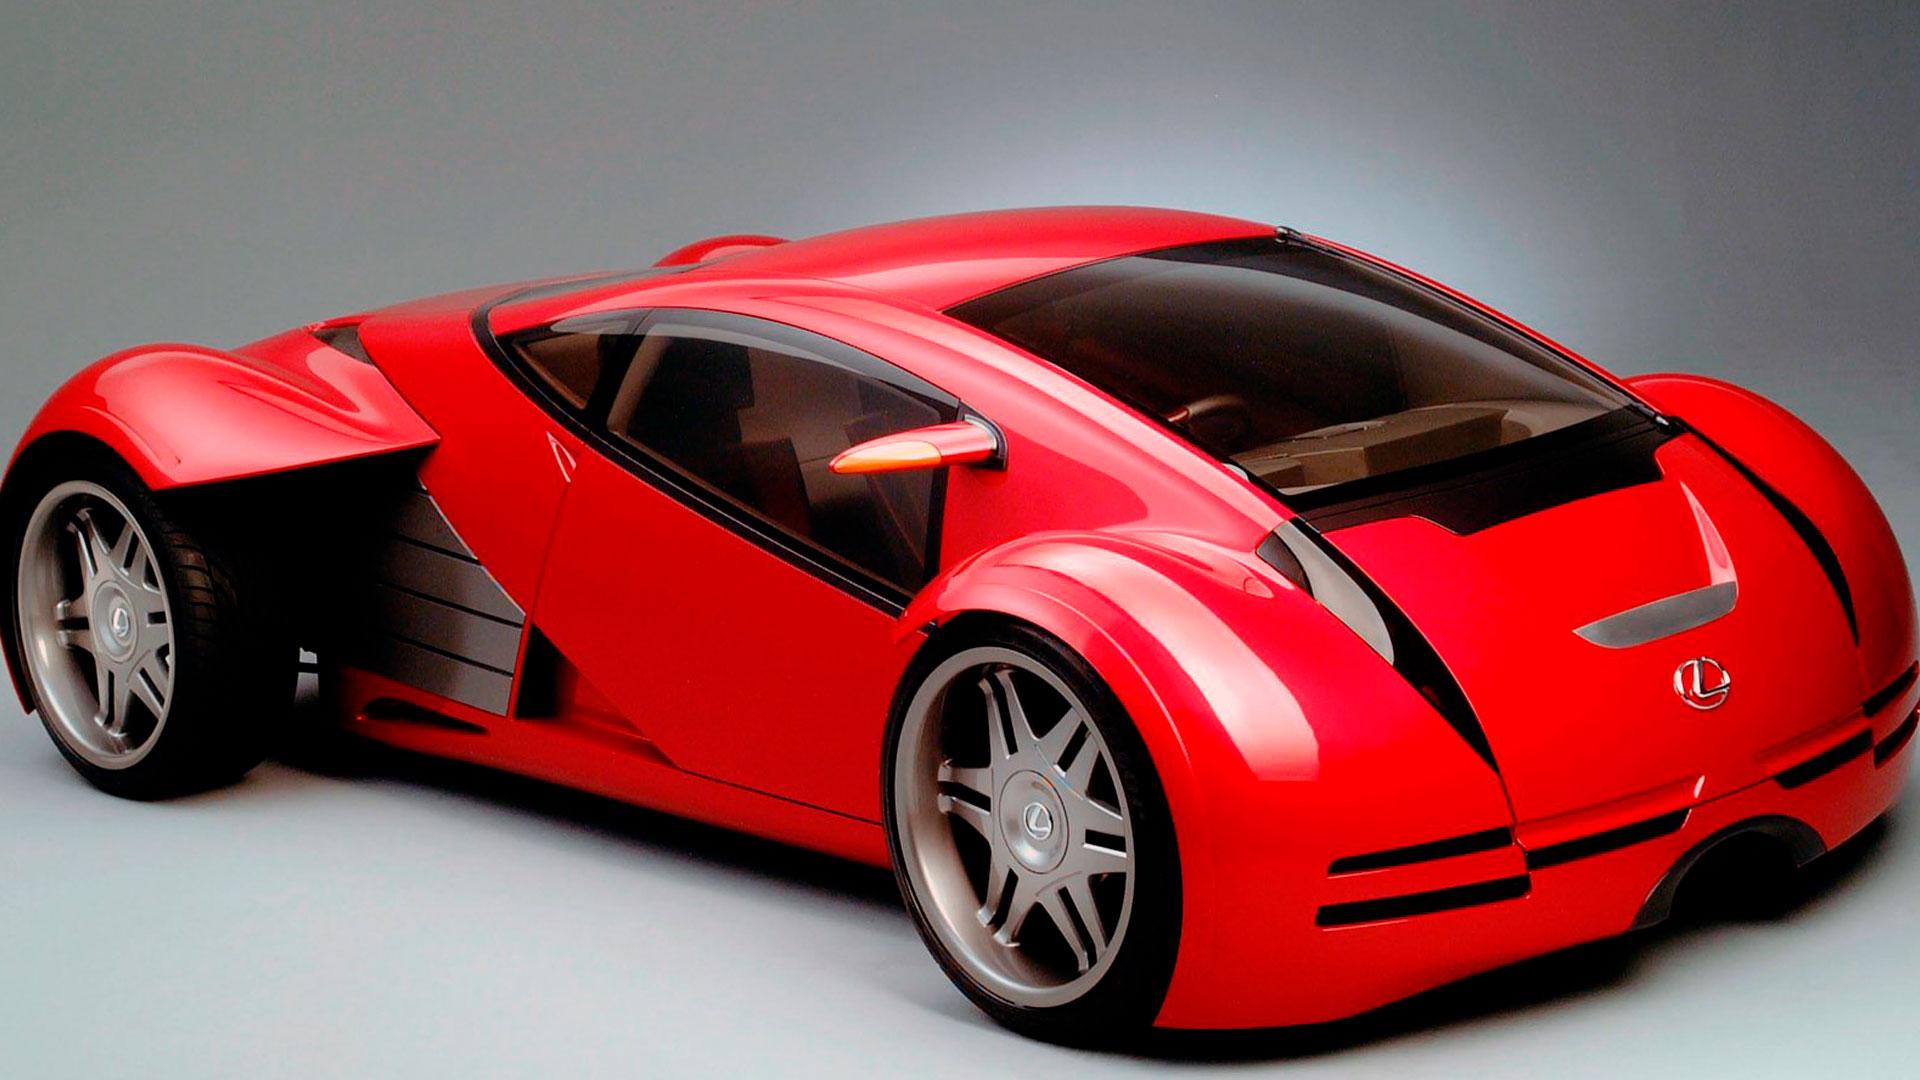 Imagen de vehículo Lexus en una película